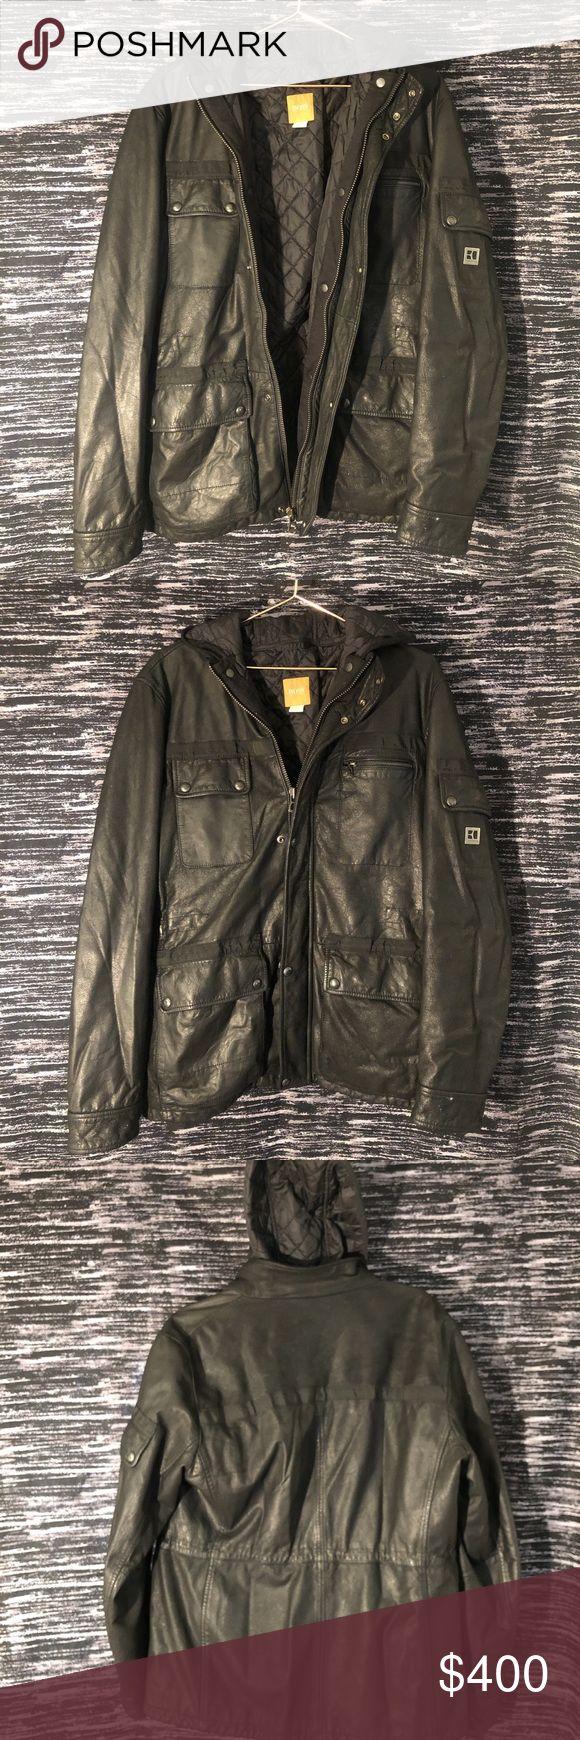 Hugo boss orange label leather jacket mom paid close to